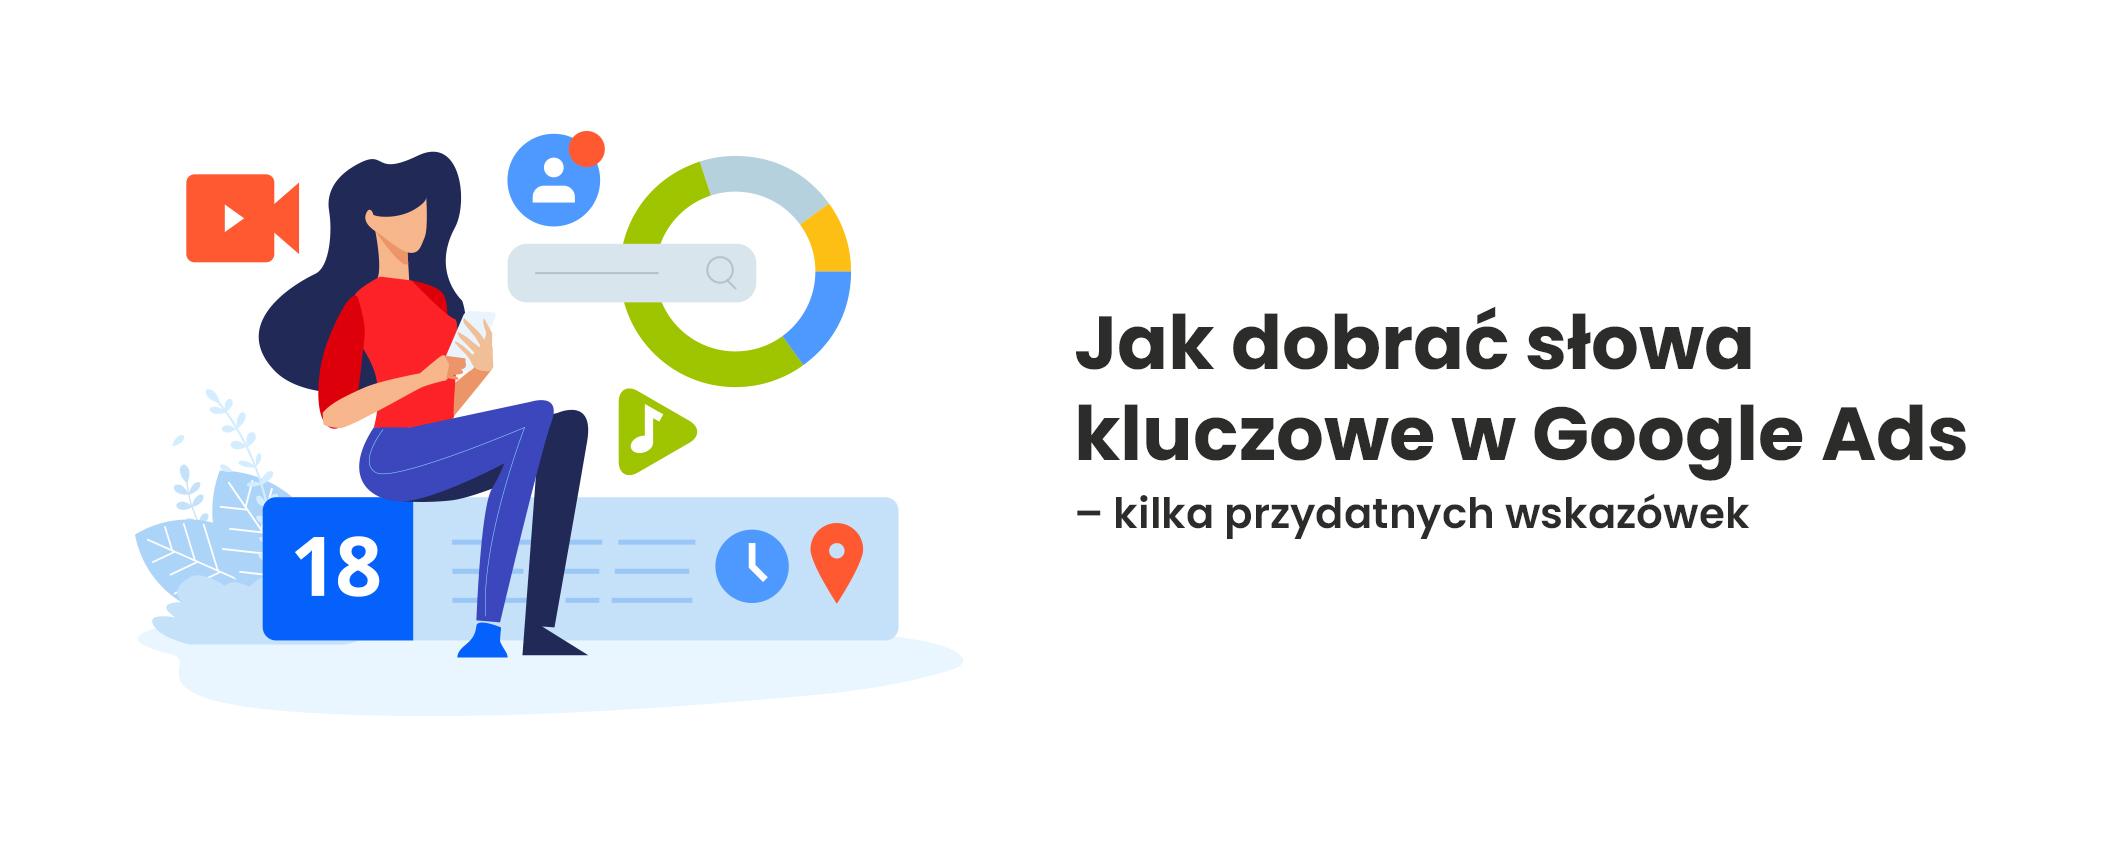 słowa kluczowe w google ads